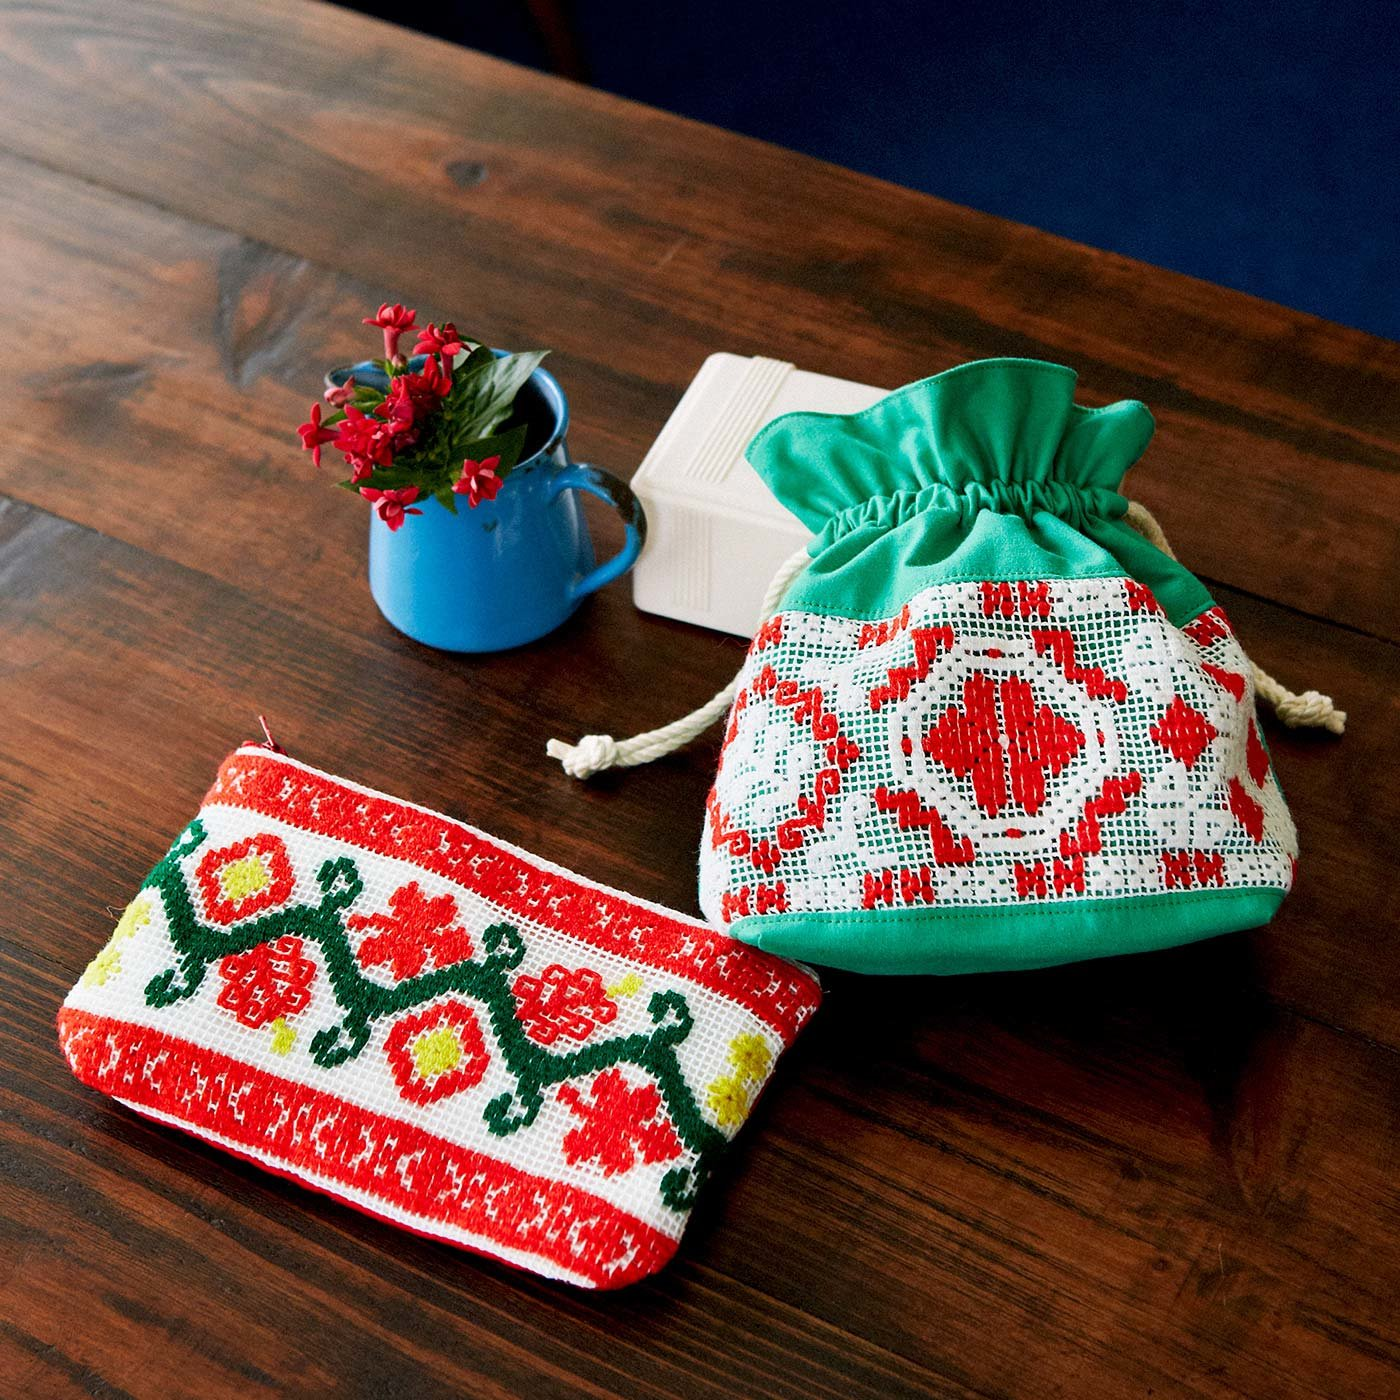 トランシルヴァニアからの贈りもの ネット編み刺しゅうの布小物